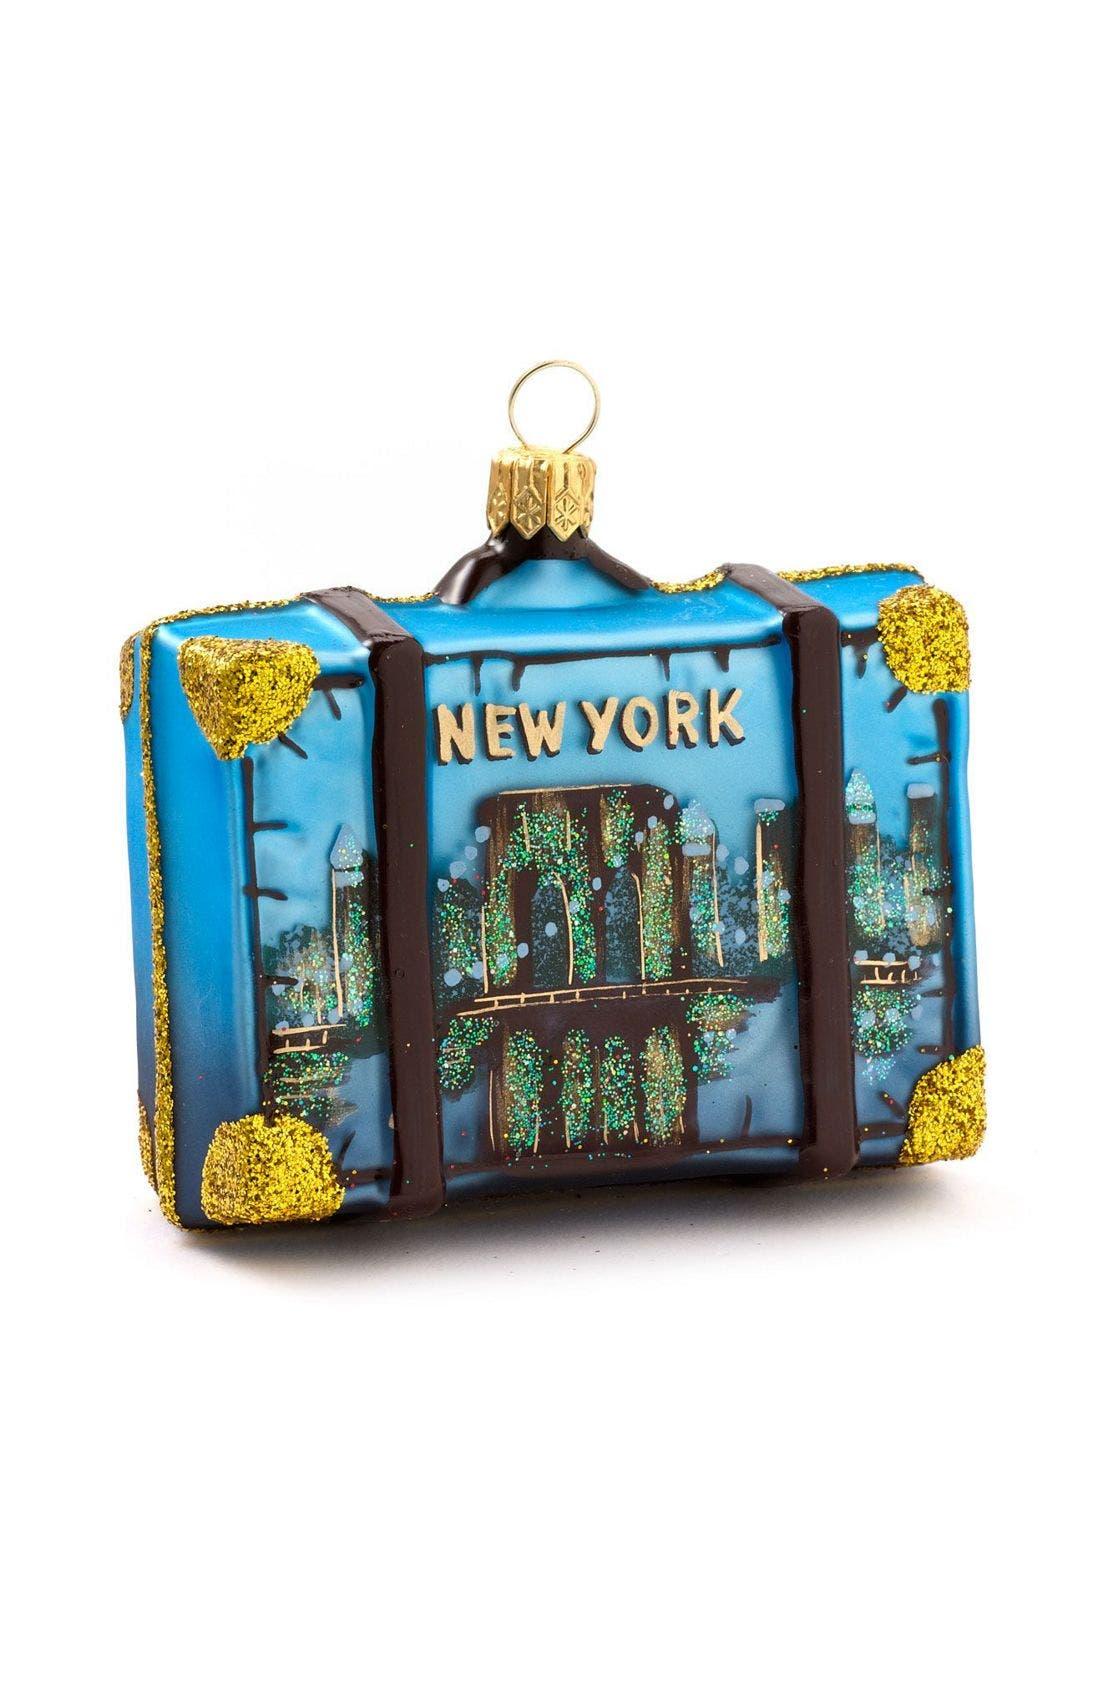 Nordstrom 'Washington D.C.' Glass Suitcase Ornament,                             Main thumbnail 1, color,                             960